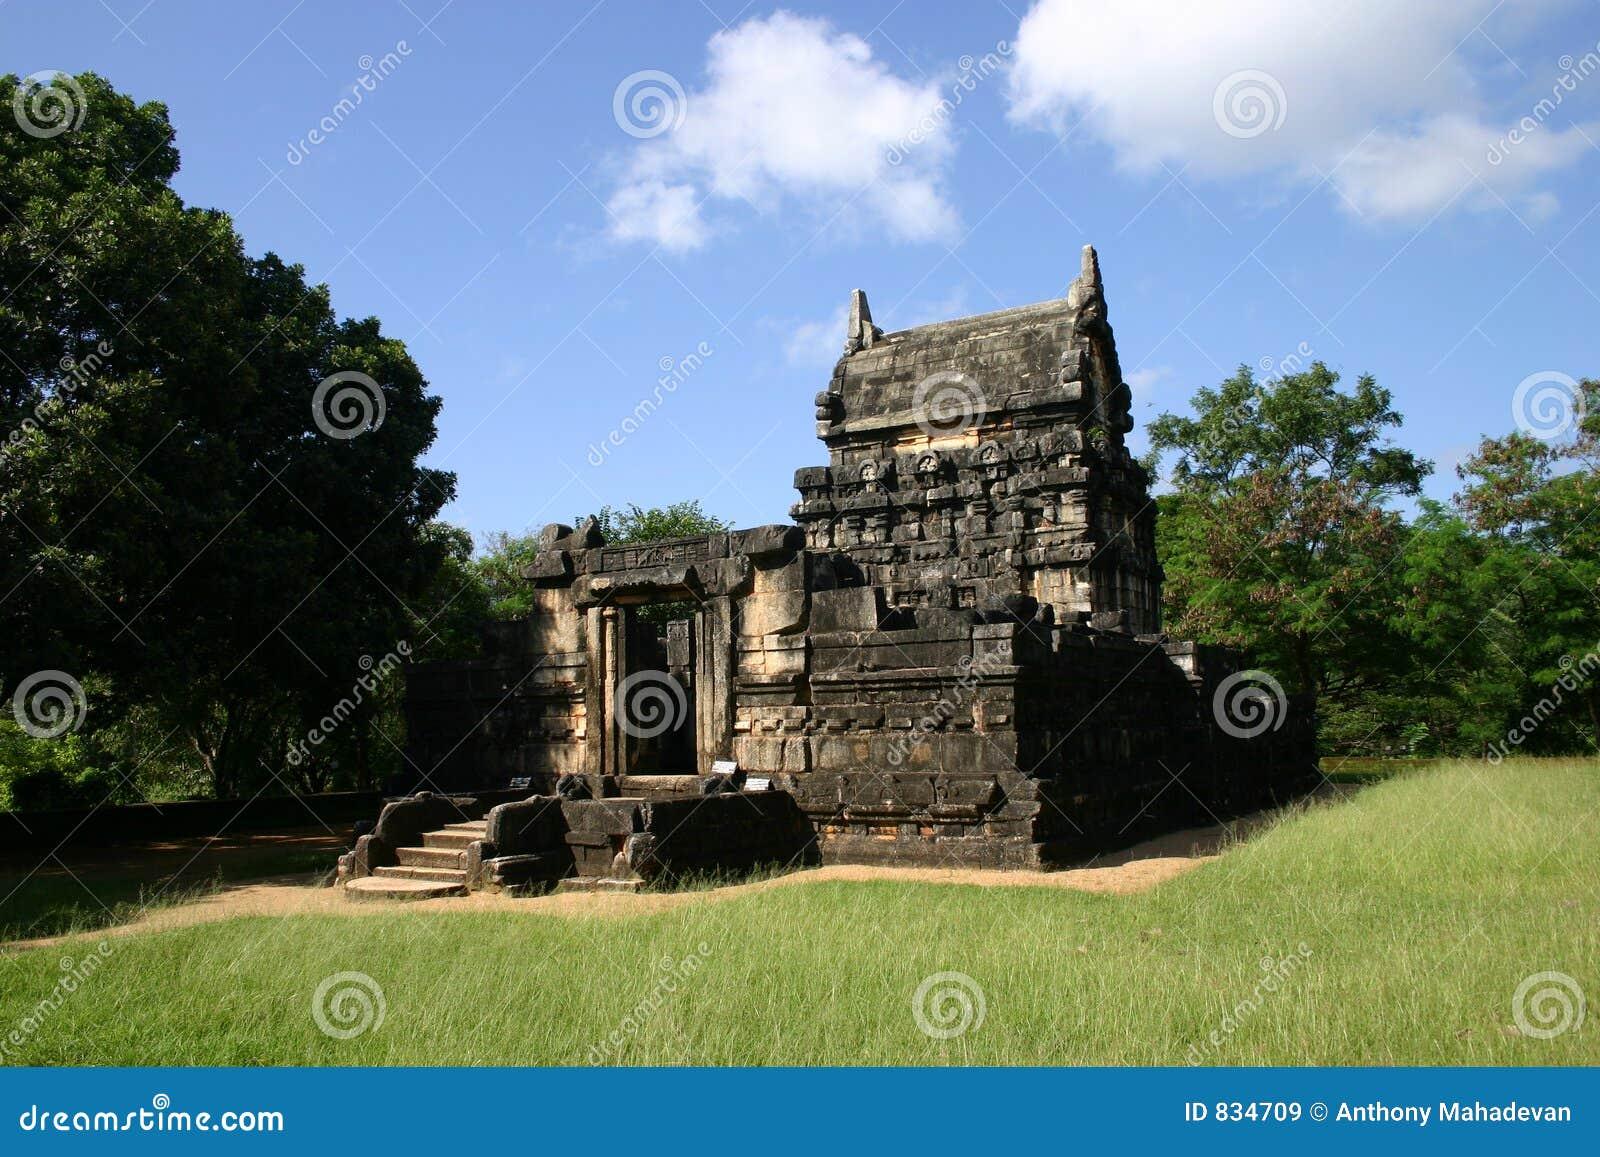 Nalanda Gedige in Sri Lanka.